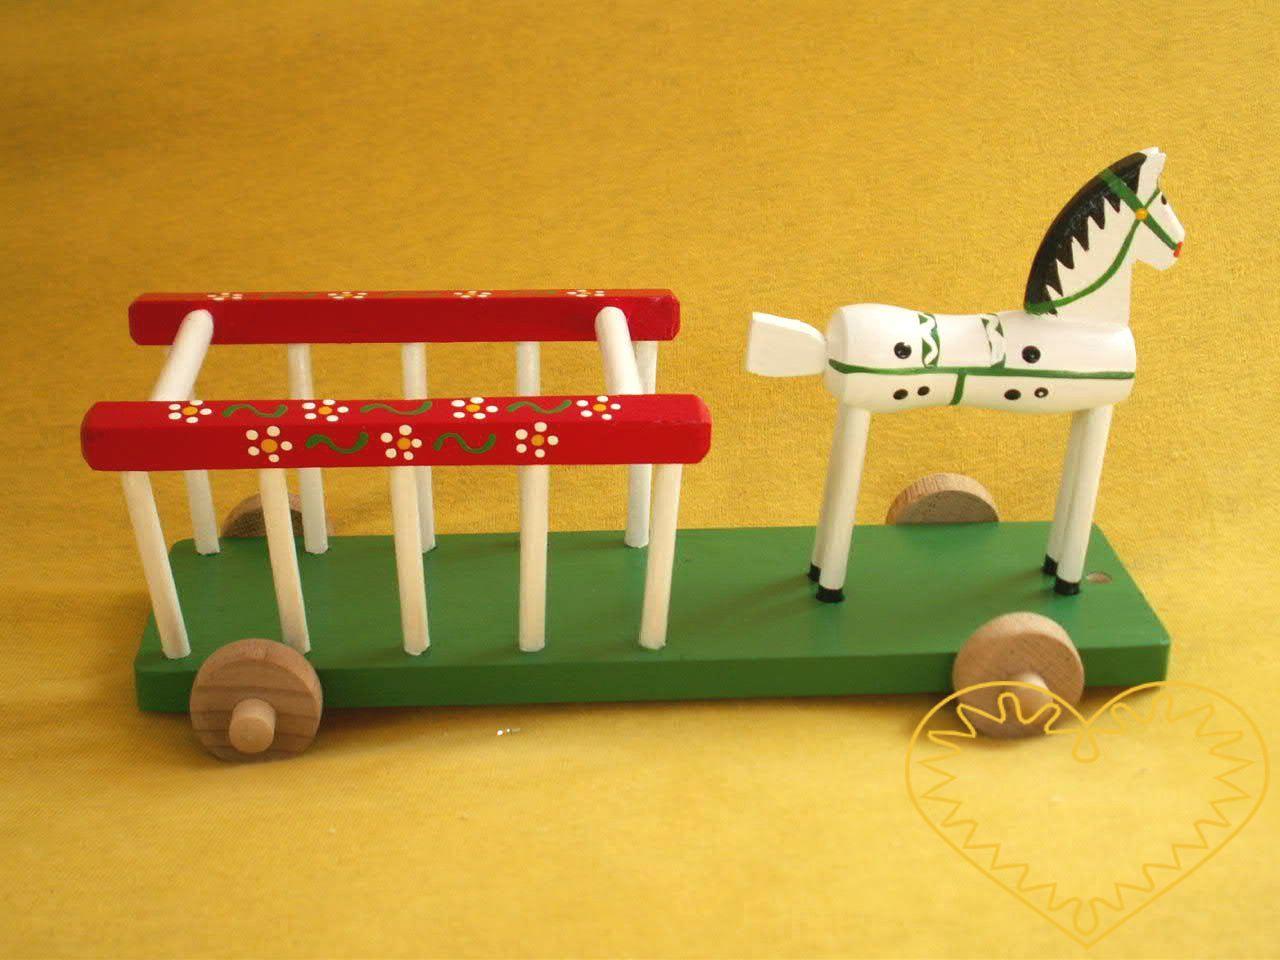 Dřevěný vozík s koníkem. Krásně malovaný suvenýr vycházející ze vzorů tradičních dětských dřevěných hraček. Koník je na společném podstavci s vozíkem a jezdí pomocí 4 koleček.